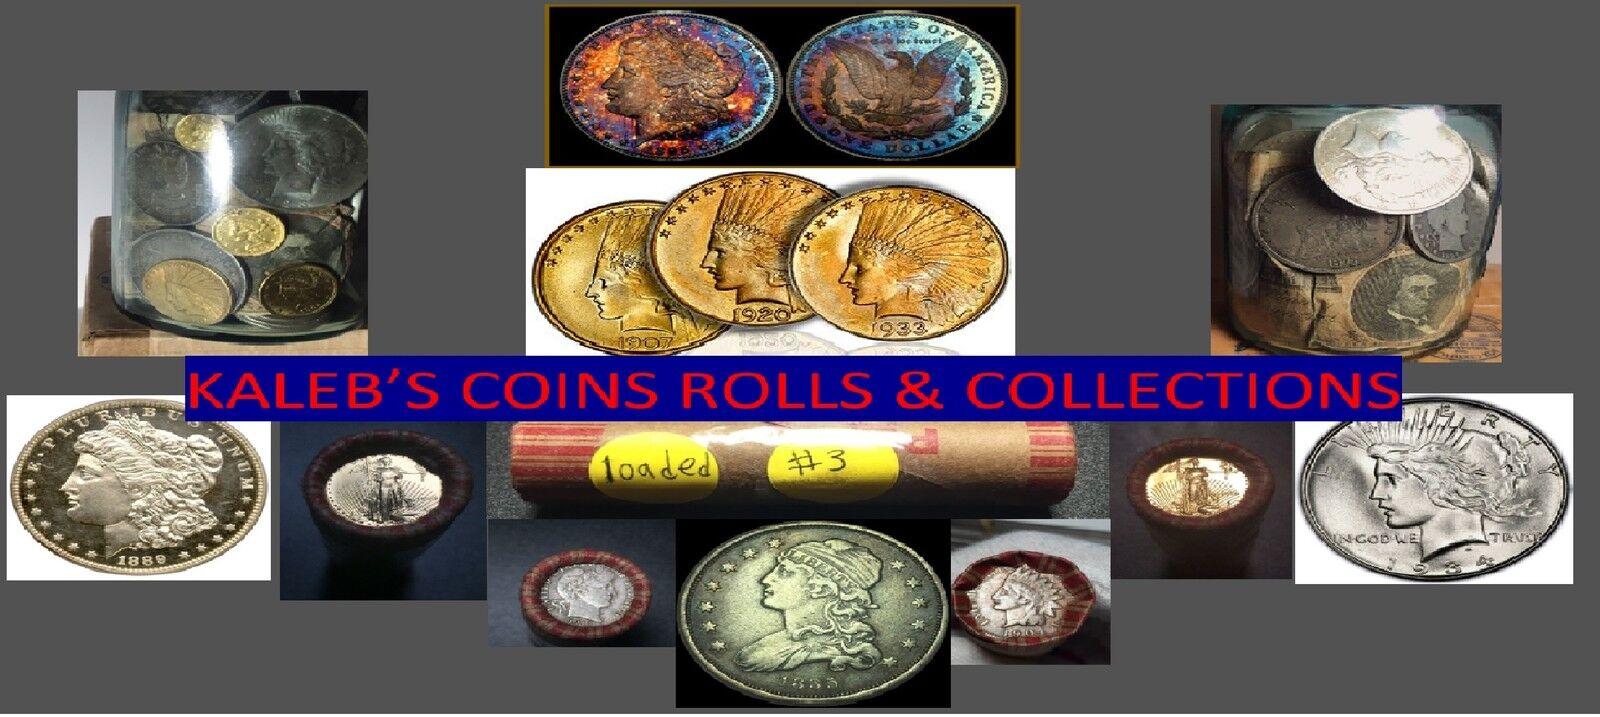 Kalebs Coins & Bullion